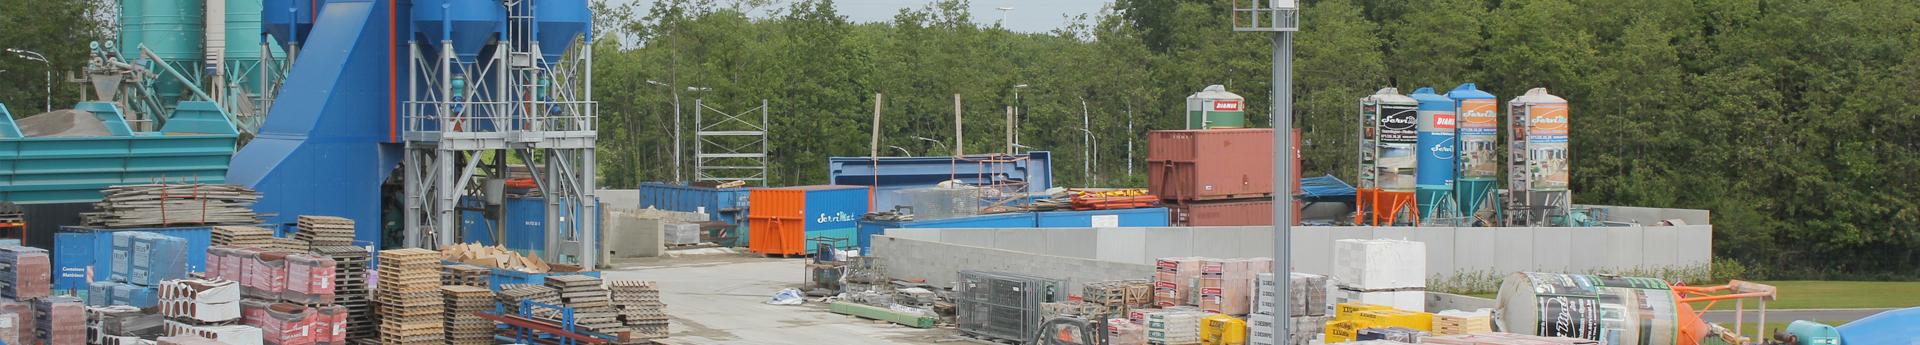 Containers terrassements mat riaux carrelage for Accessoire piscine namur